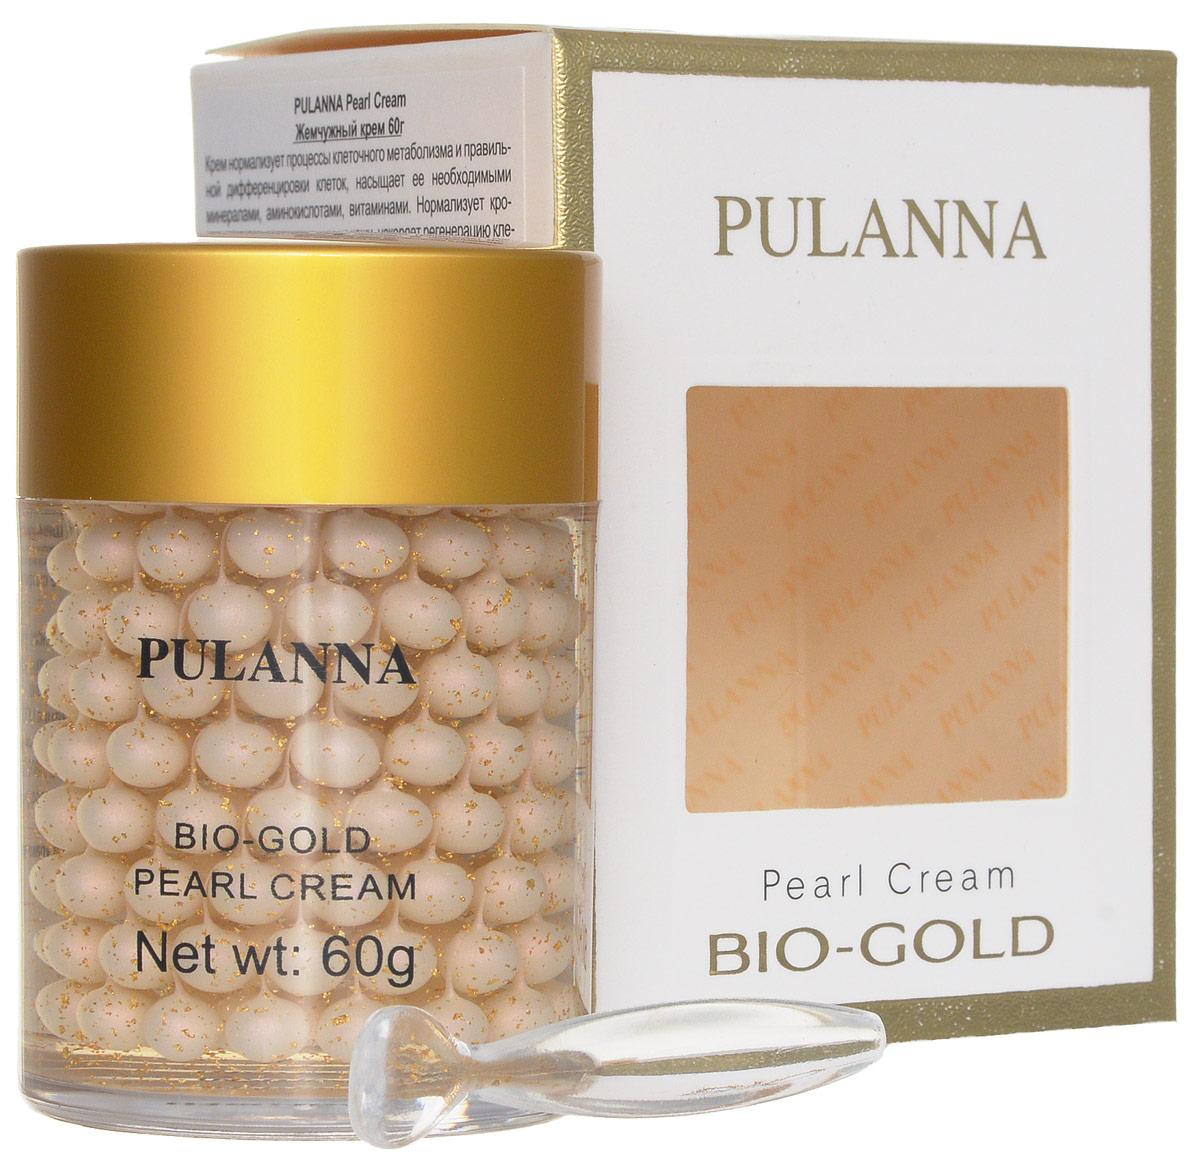 Pulanna Жемчужный крем на основе био-золота - Pearl Cream 60 г жемчужный крем pulanna жемчужный крем